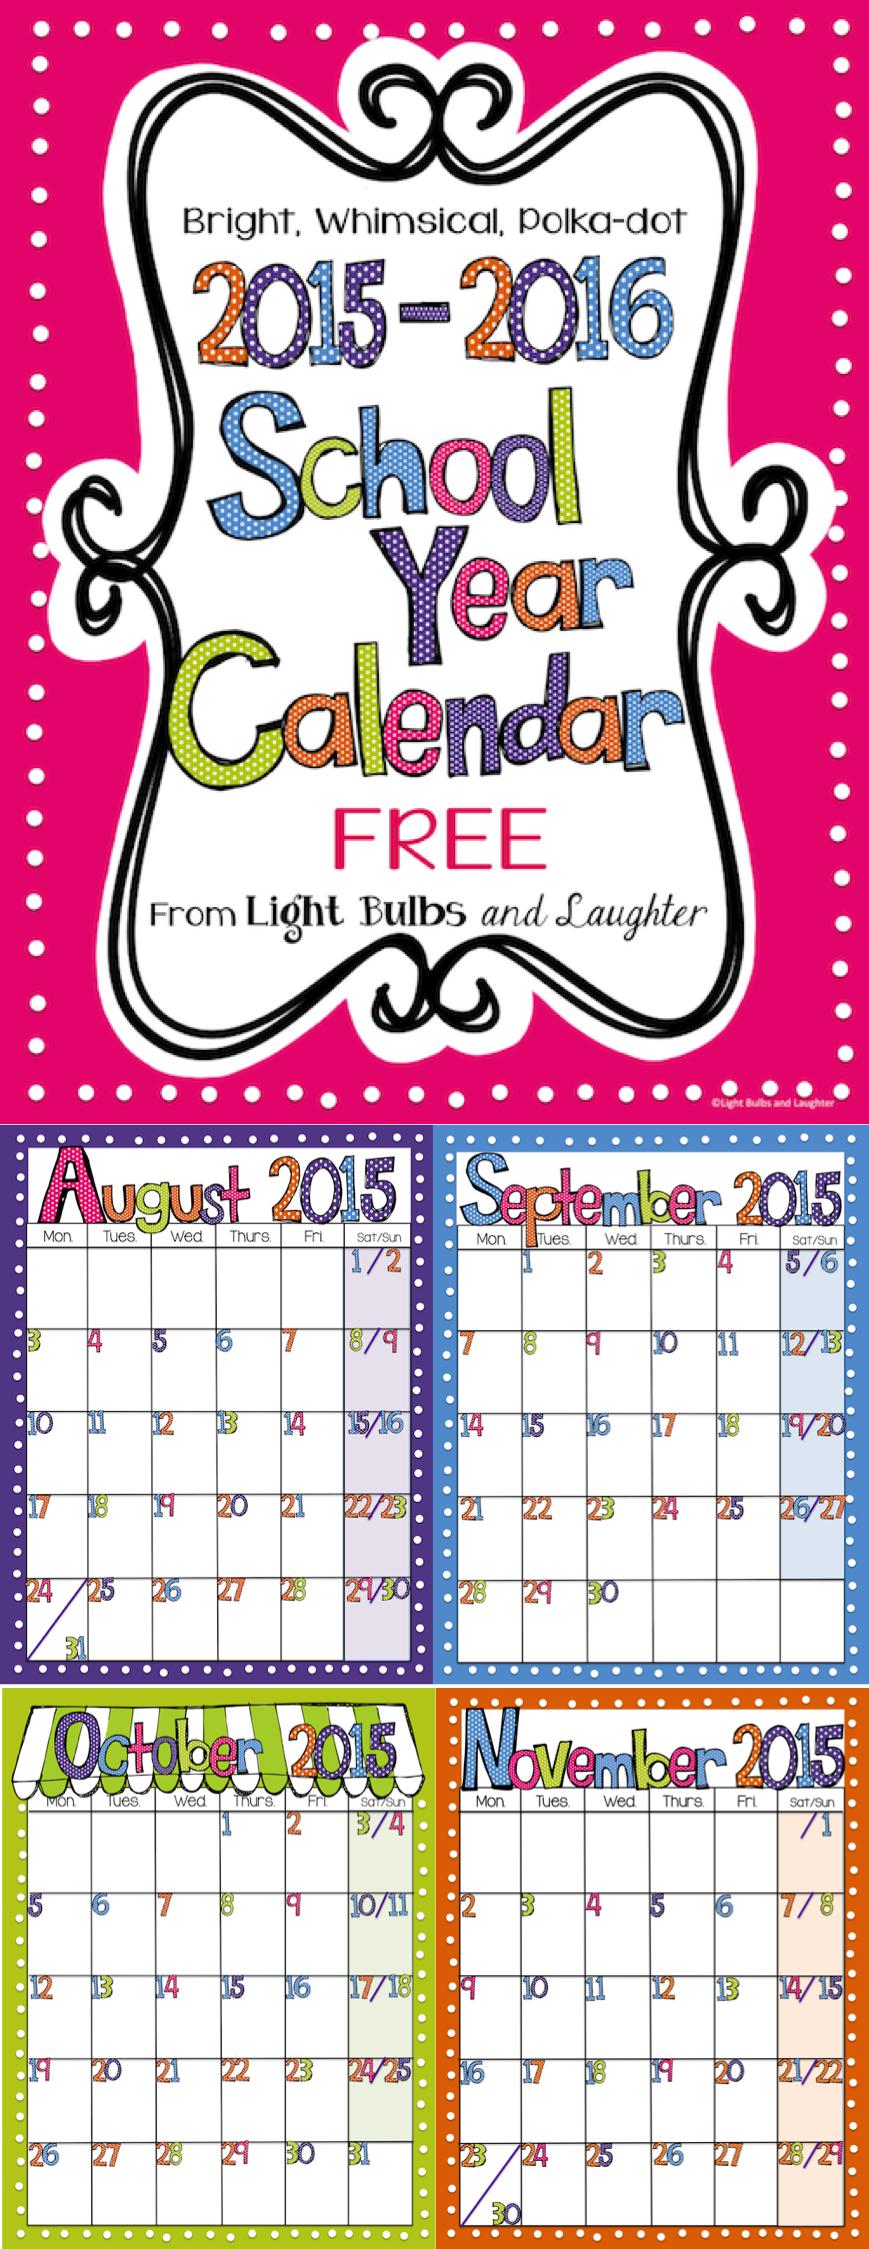 powerpoint calendar template 2015